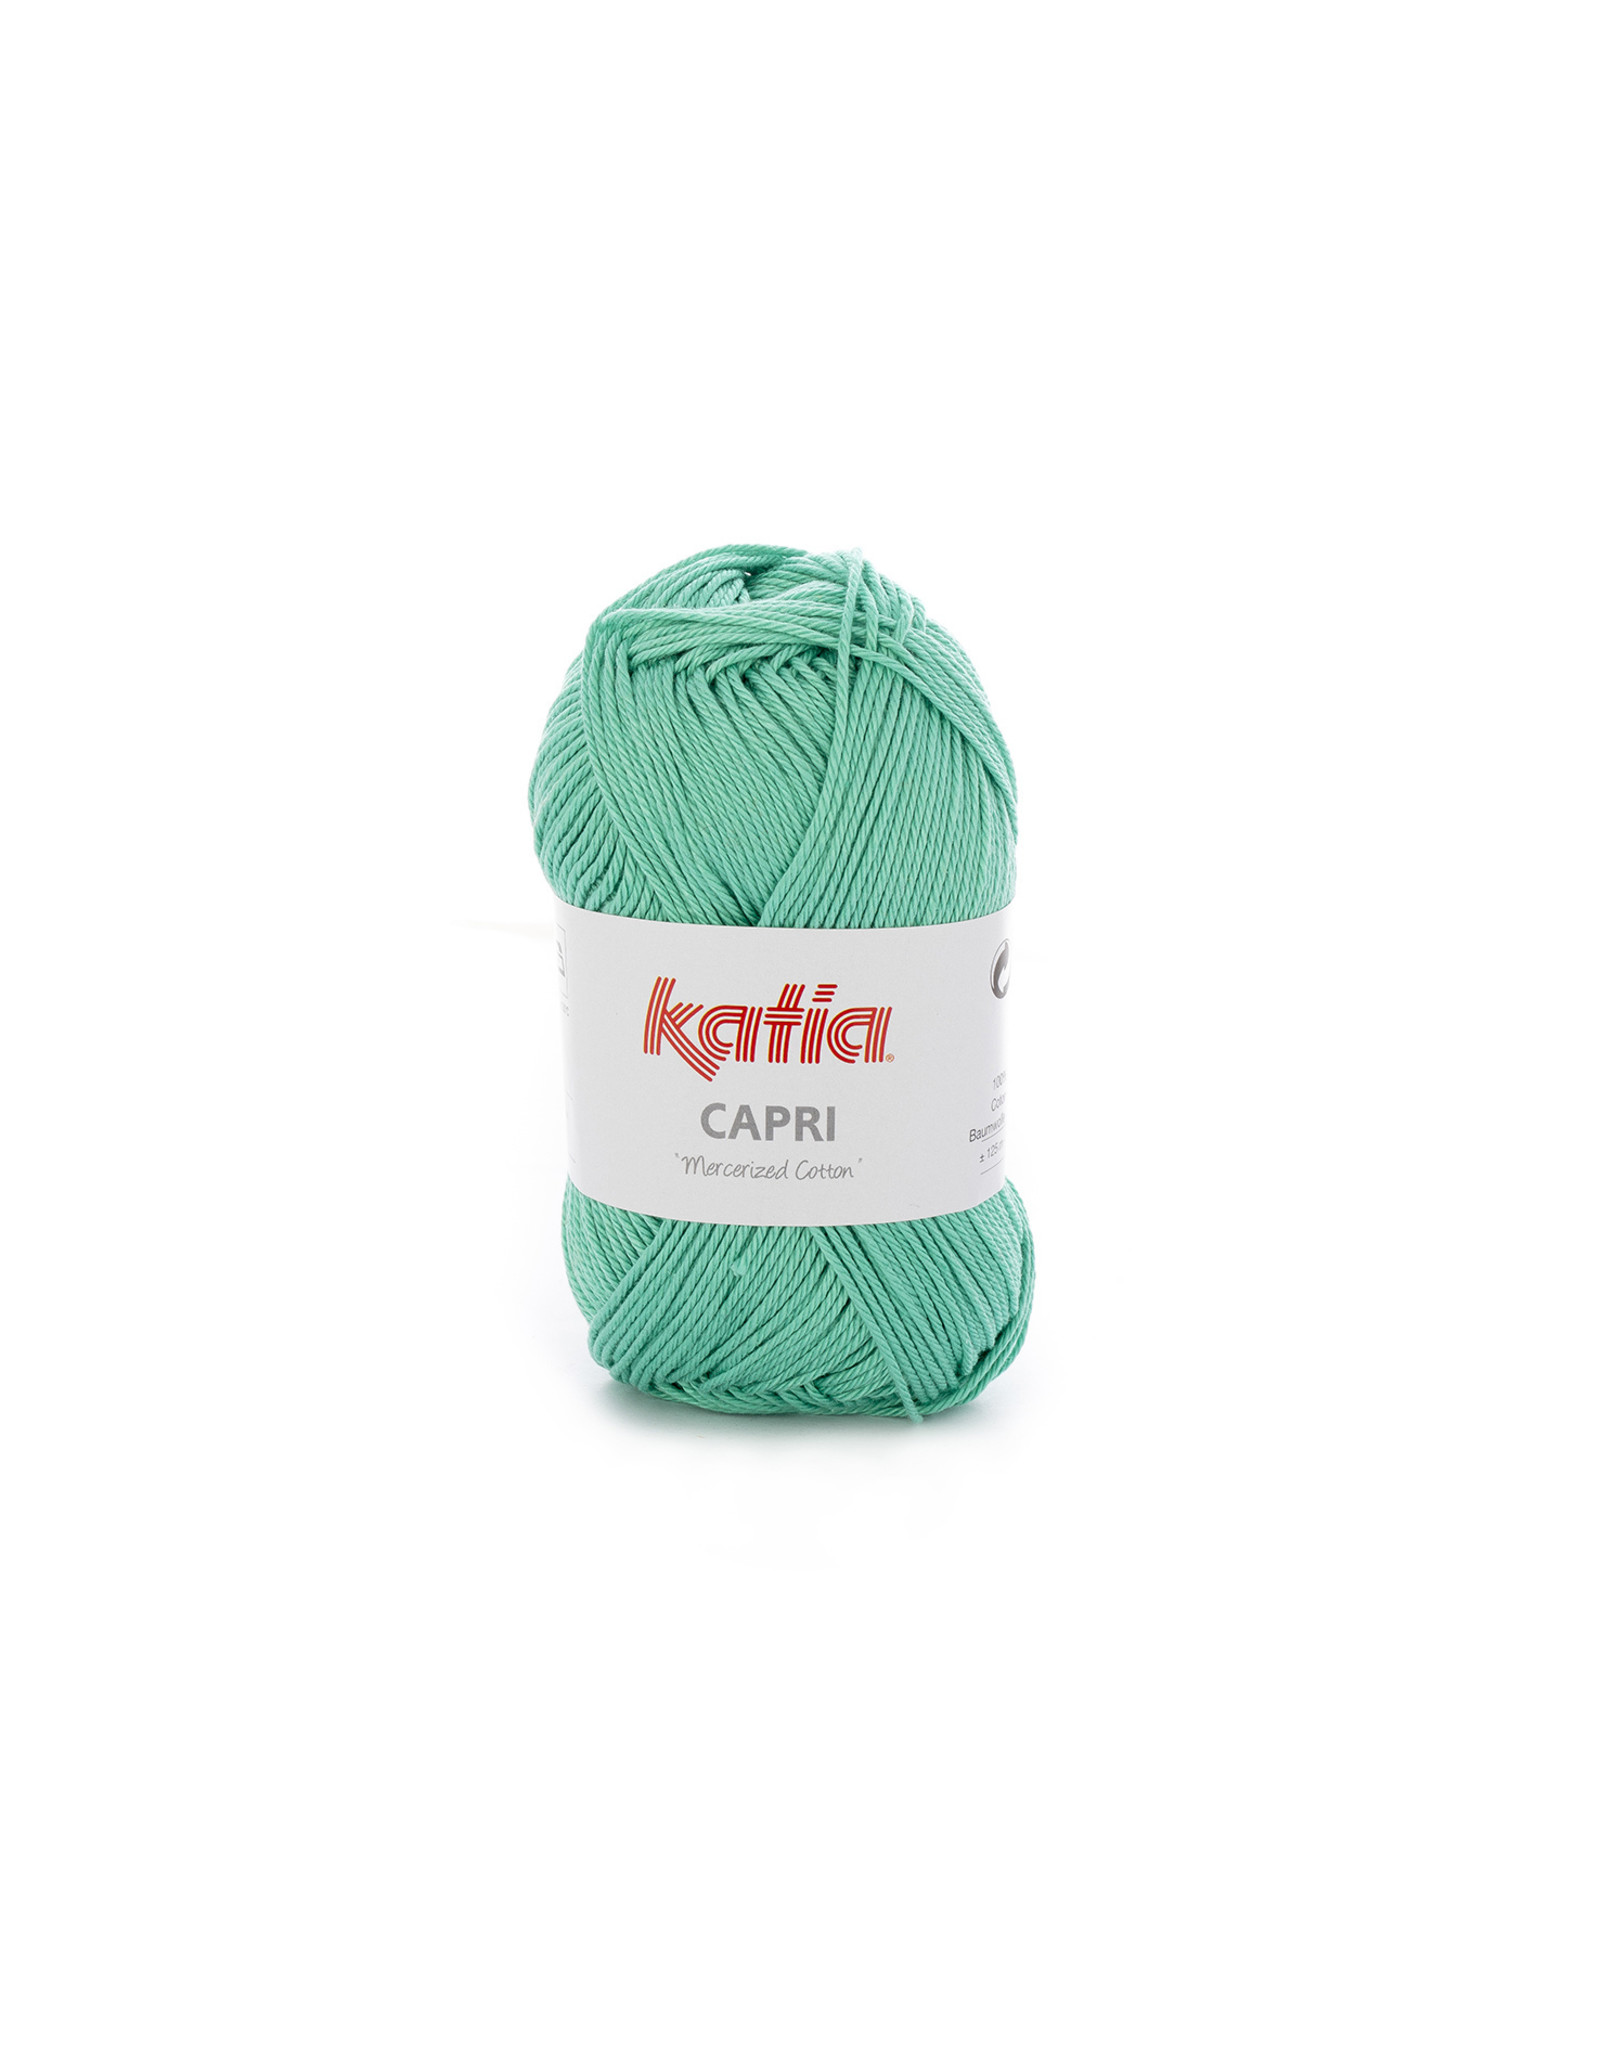 Katia Katia Capri - kleur 171 Mintgroen - bundel 5 x 50 gr. / 125 m. - 100% katoen